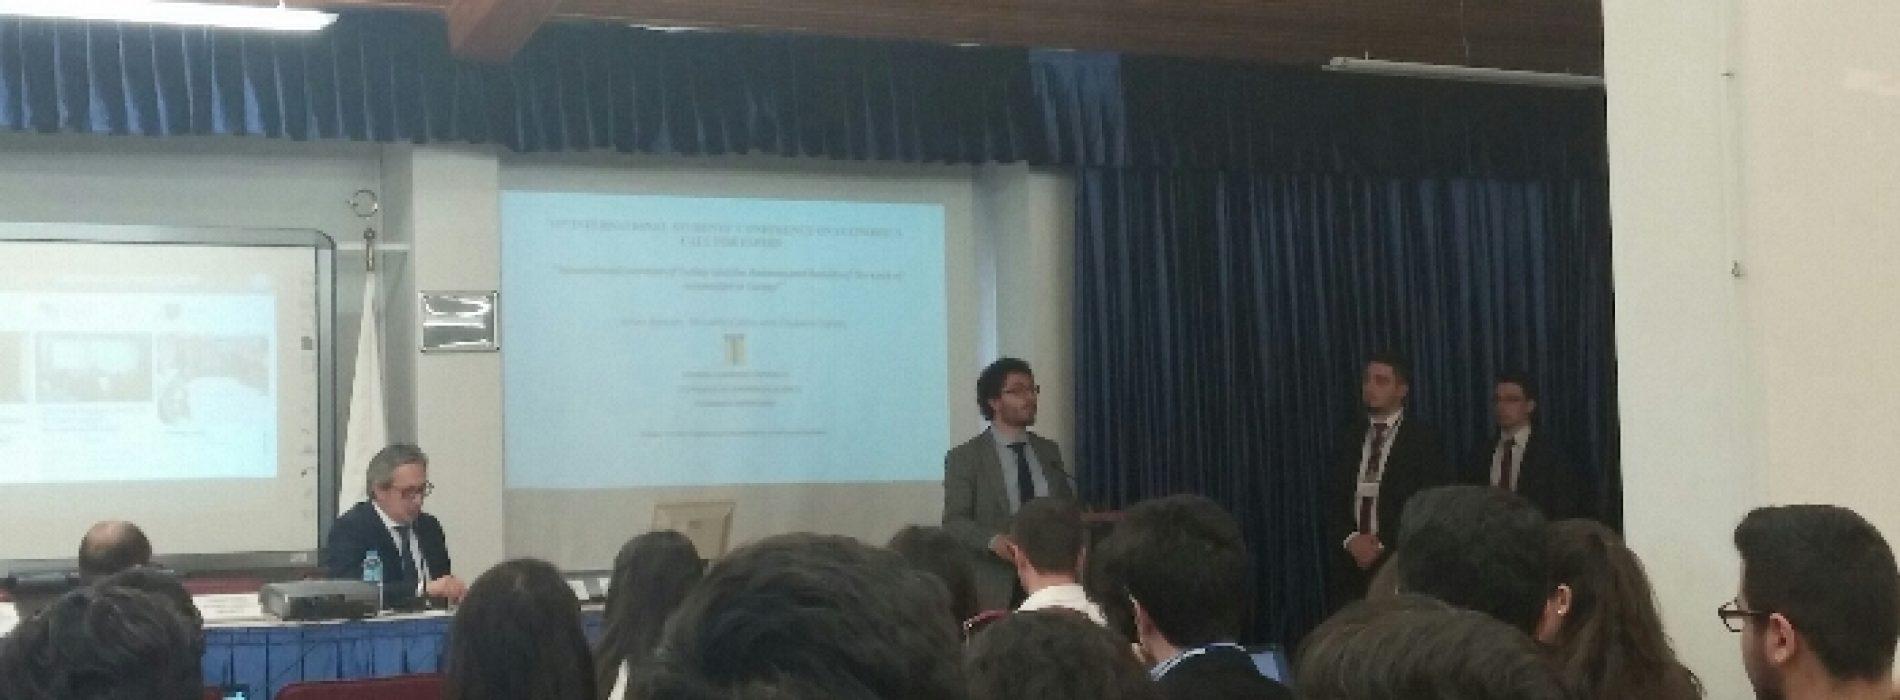 Uluslararası İktisat Öğrencileri Kongresi'ndeydik.